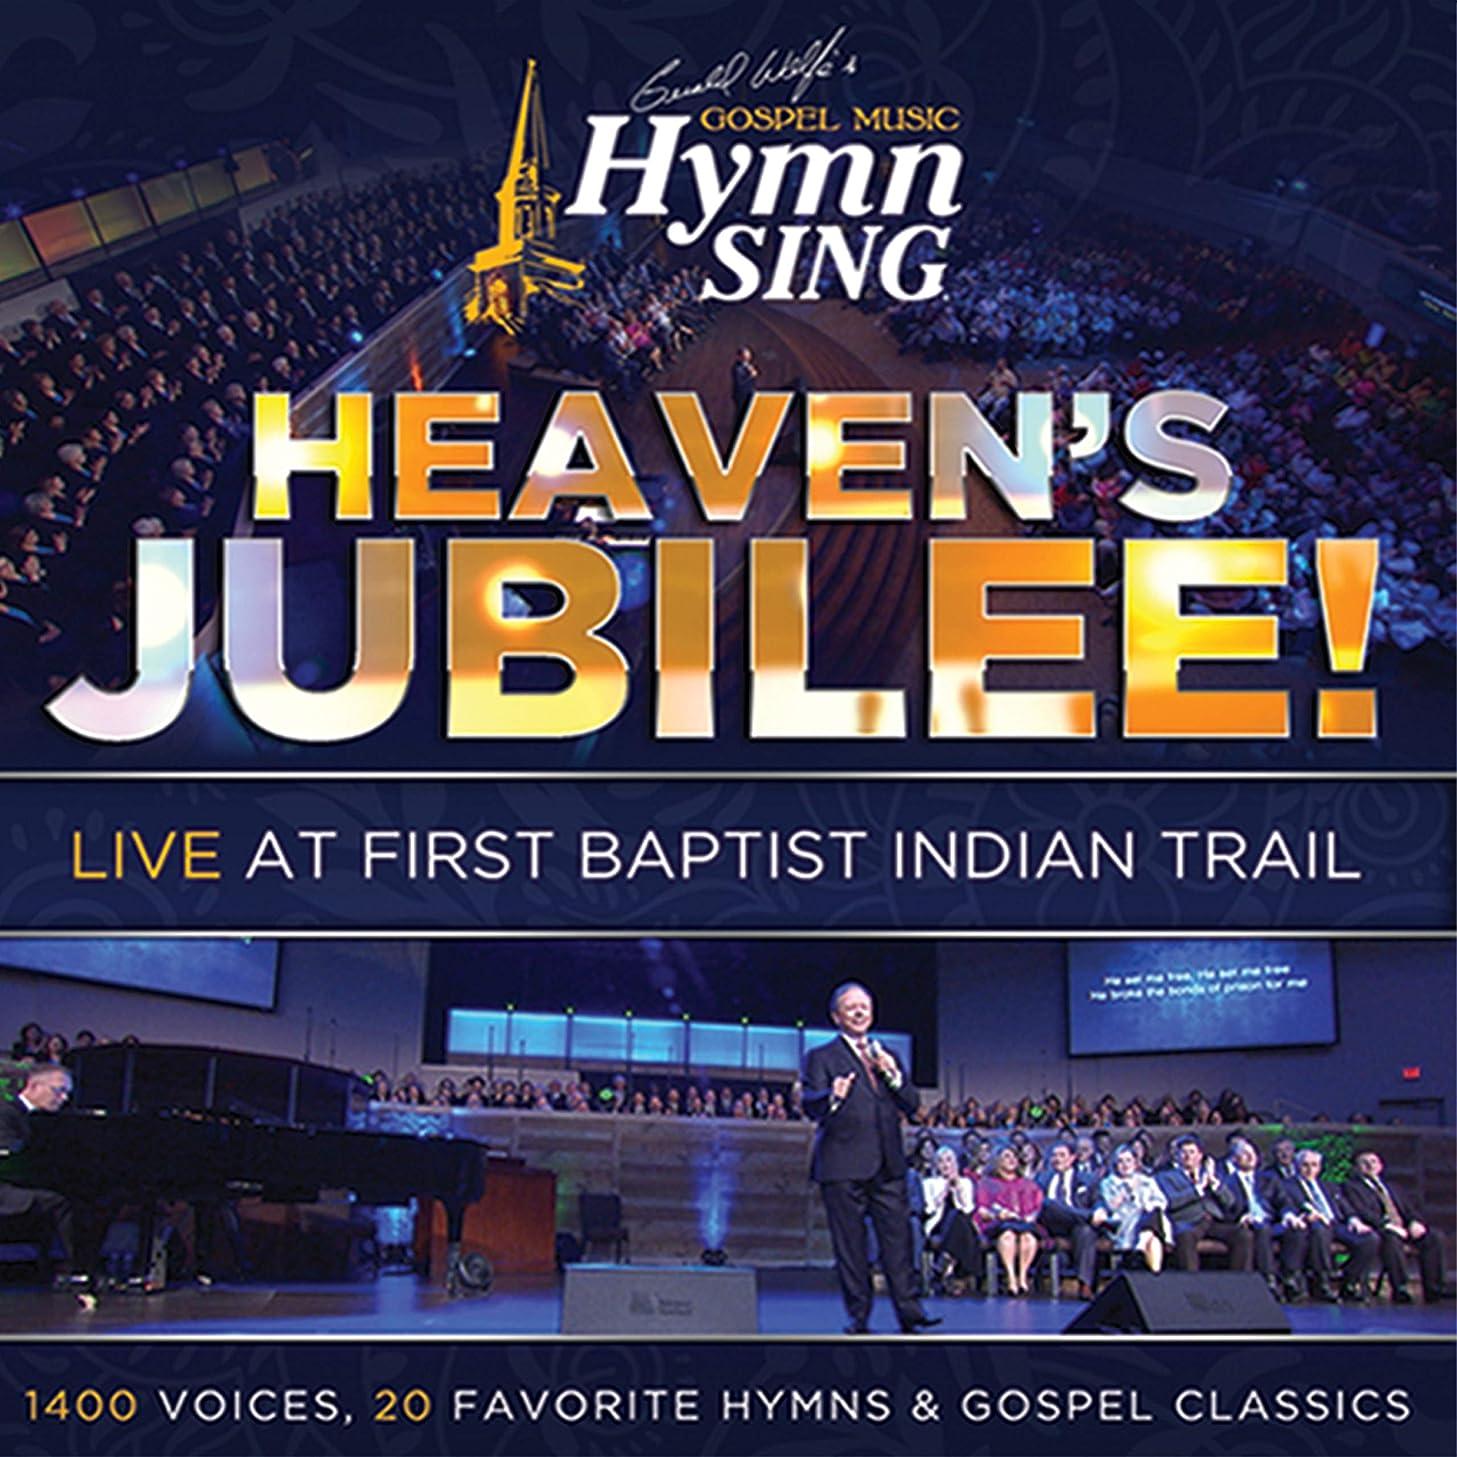 Gospel Music Hymn Sing: Heaven's Jubilee